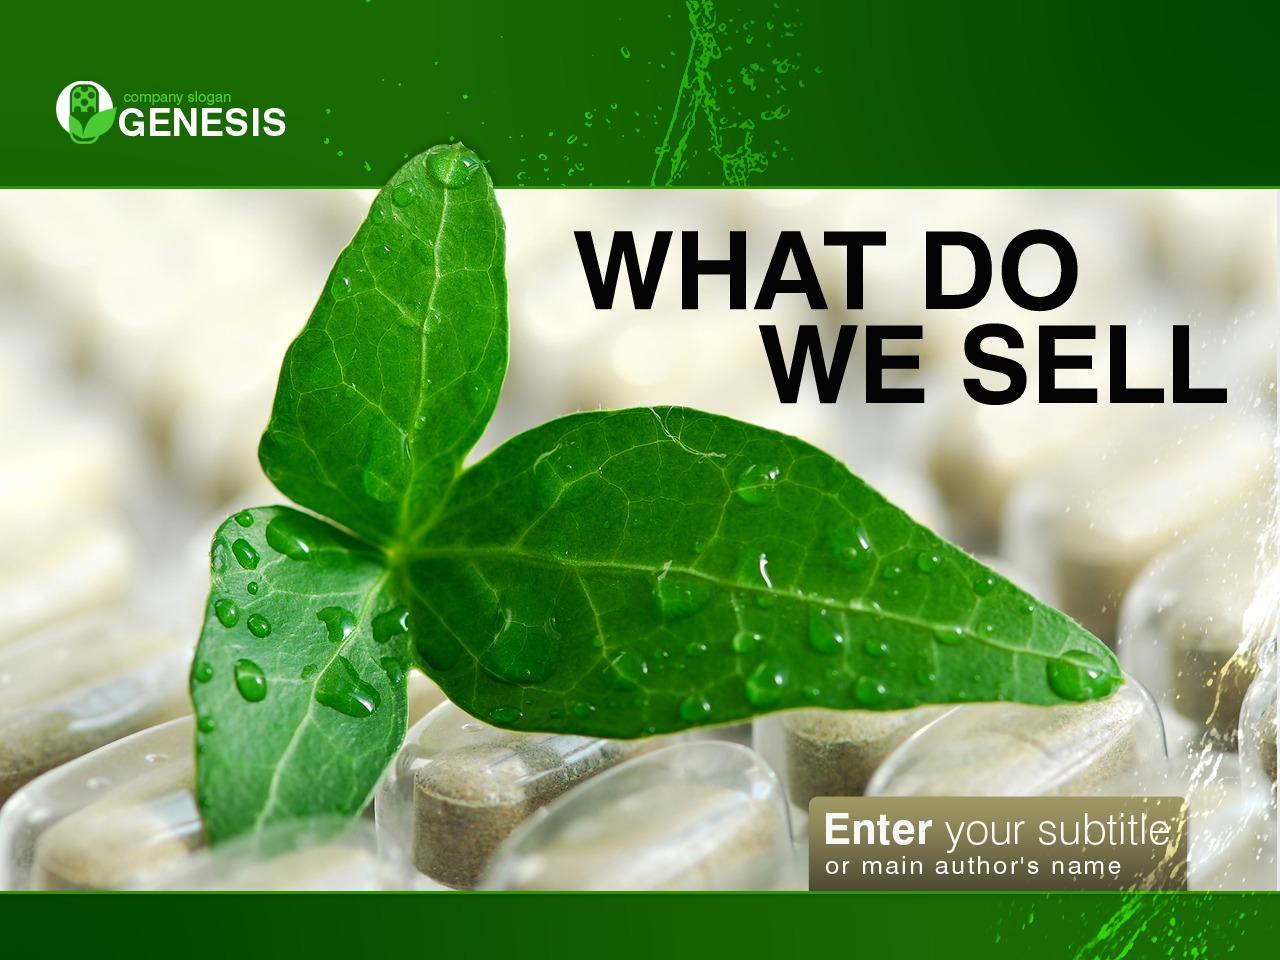 Szablon PowerPoint #34279 na temat: zioła